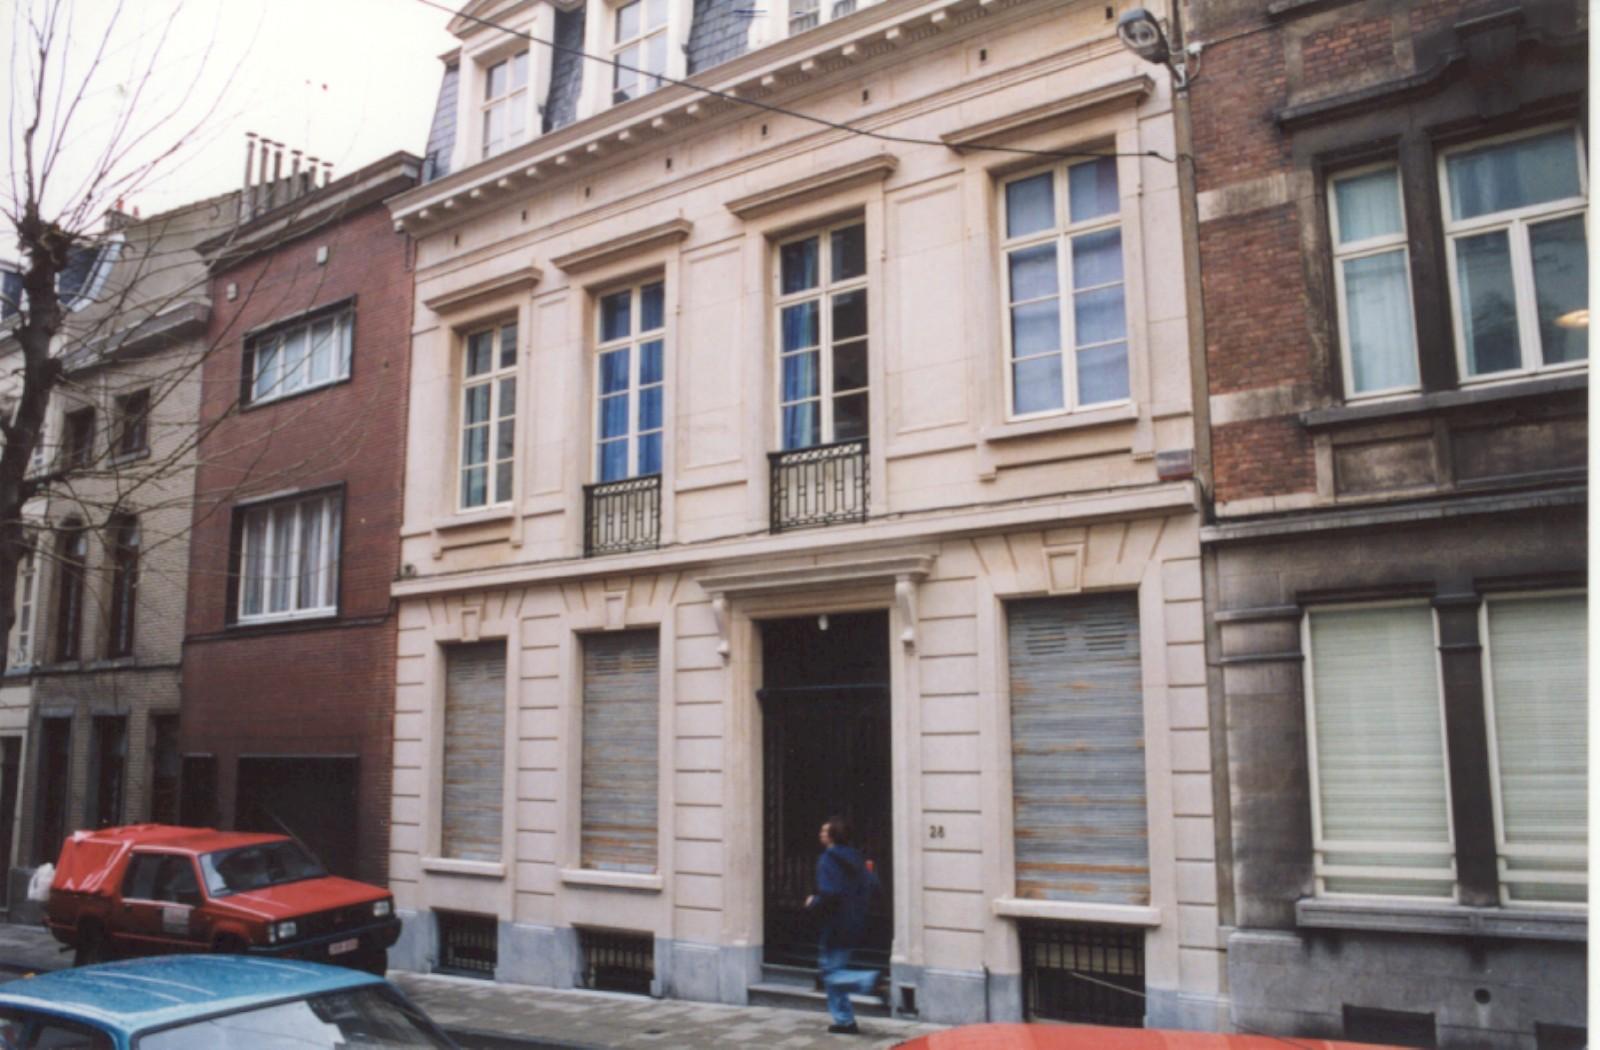 Rue Potagère 28 (photo 1993-1995).